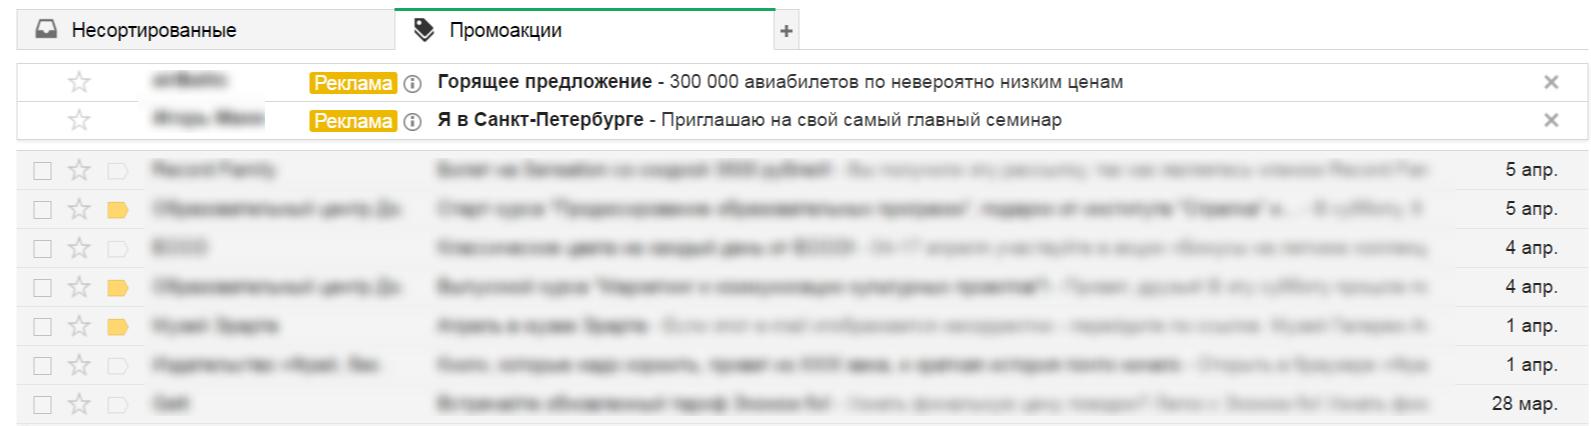 Контекстная реклама gmail создание сайтов продвижение сайтов контекстная реклама баннерная реклама примеры